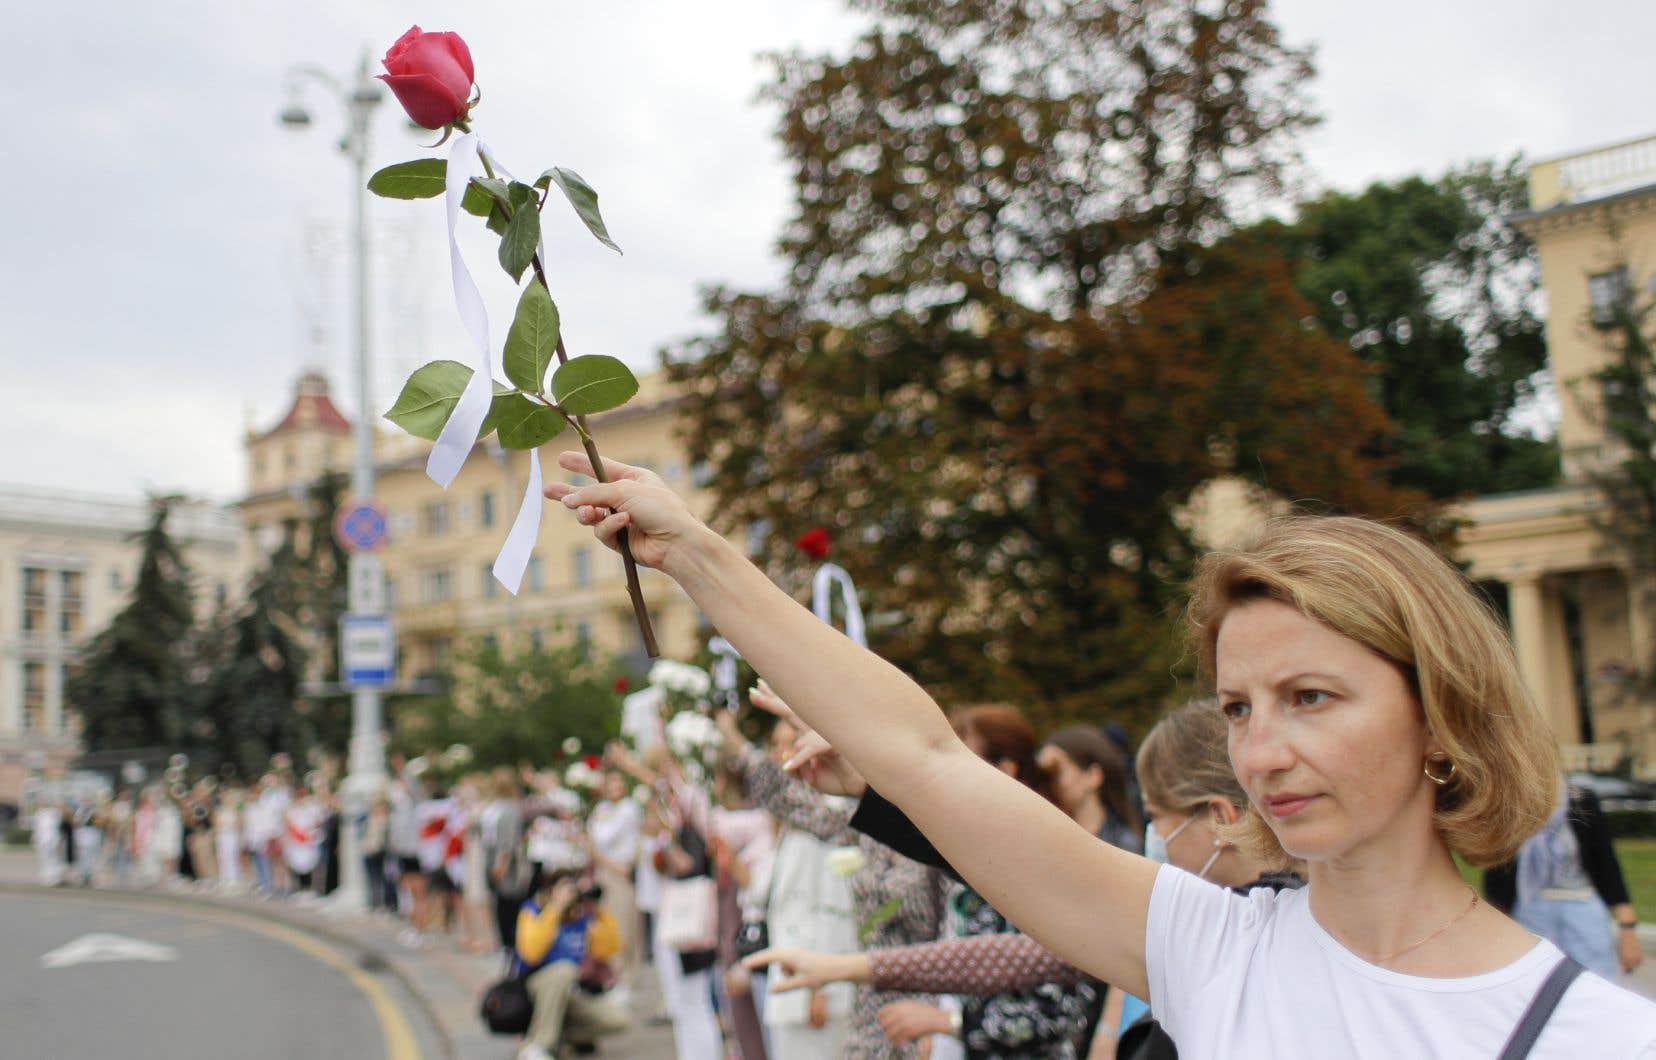 Le gouvernement fait face à des manifestations quotidiennes et à un mouvement de grève déclenché à l'appel de l'opposition.